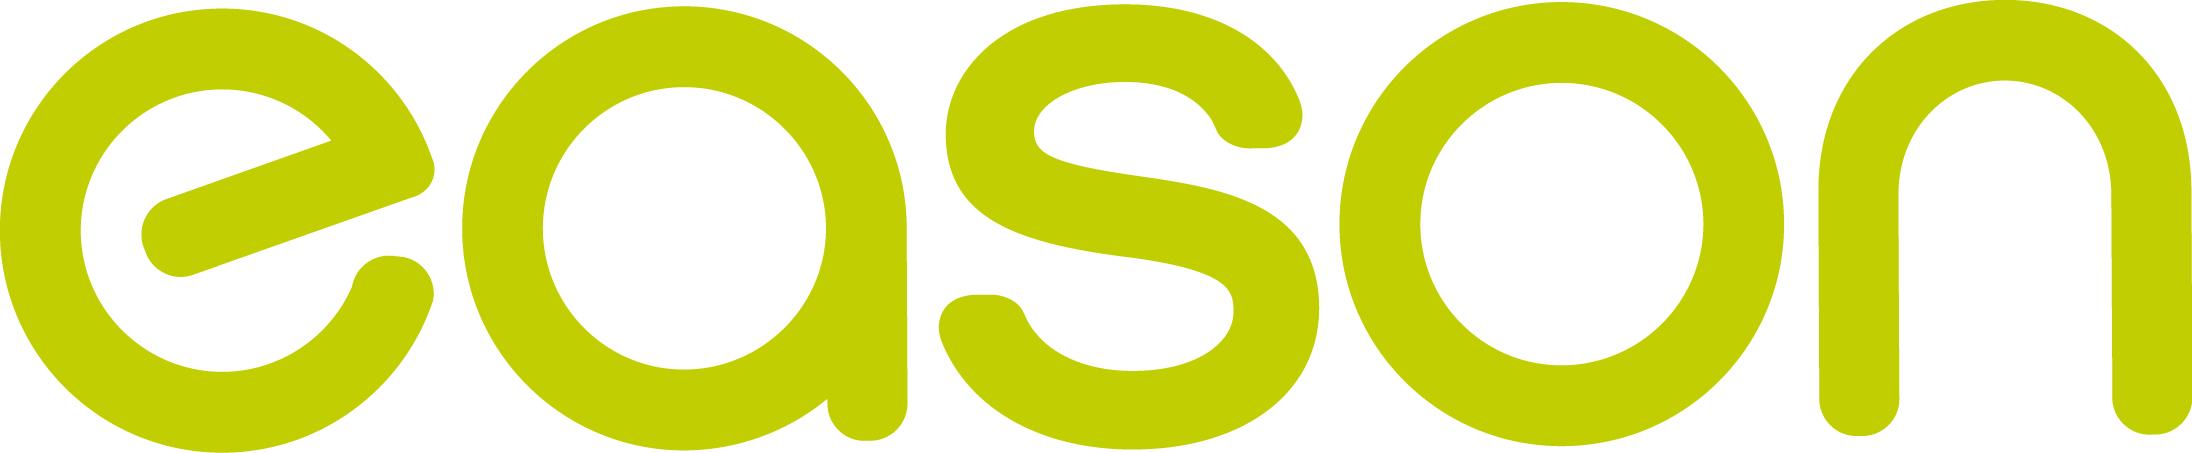 eason-green-390-2015